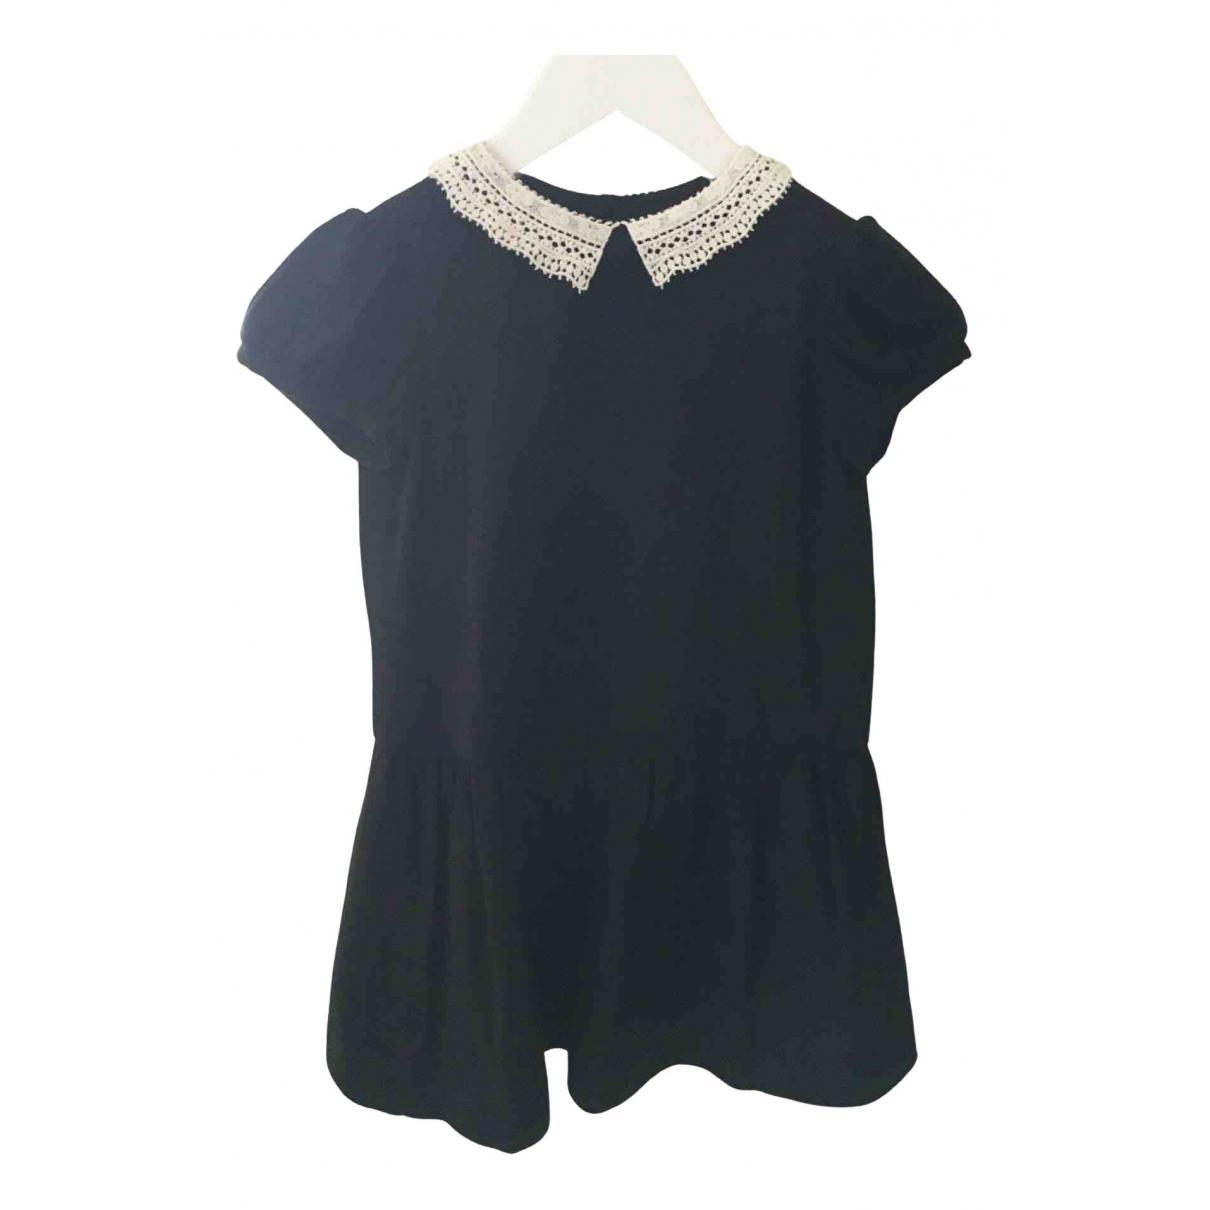 Bonpoint \N Kleid in  Schwarz Wolle